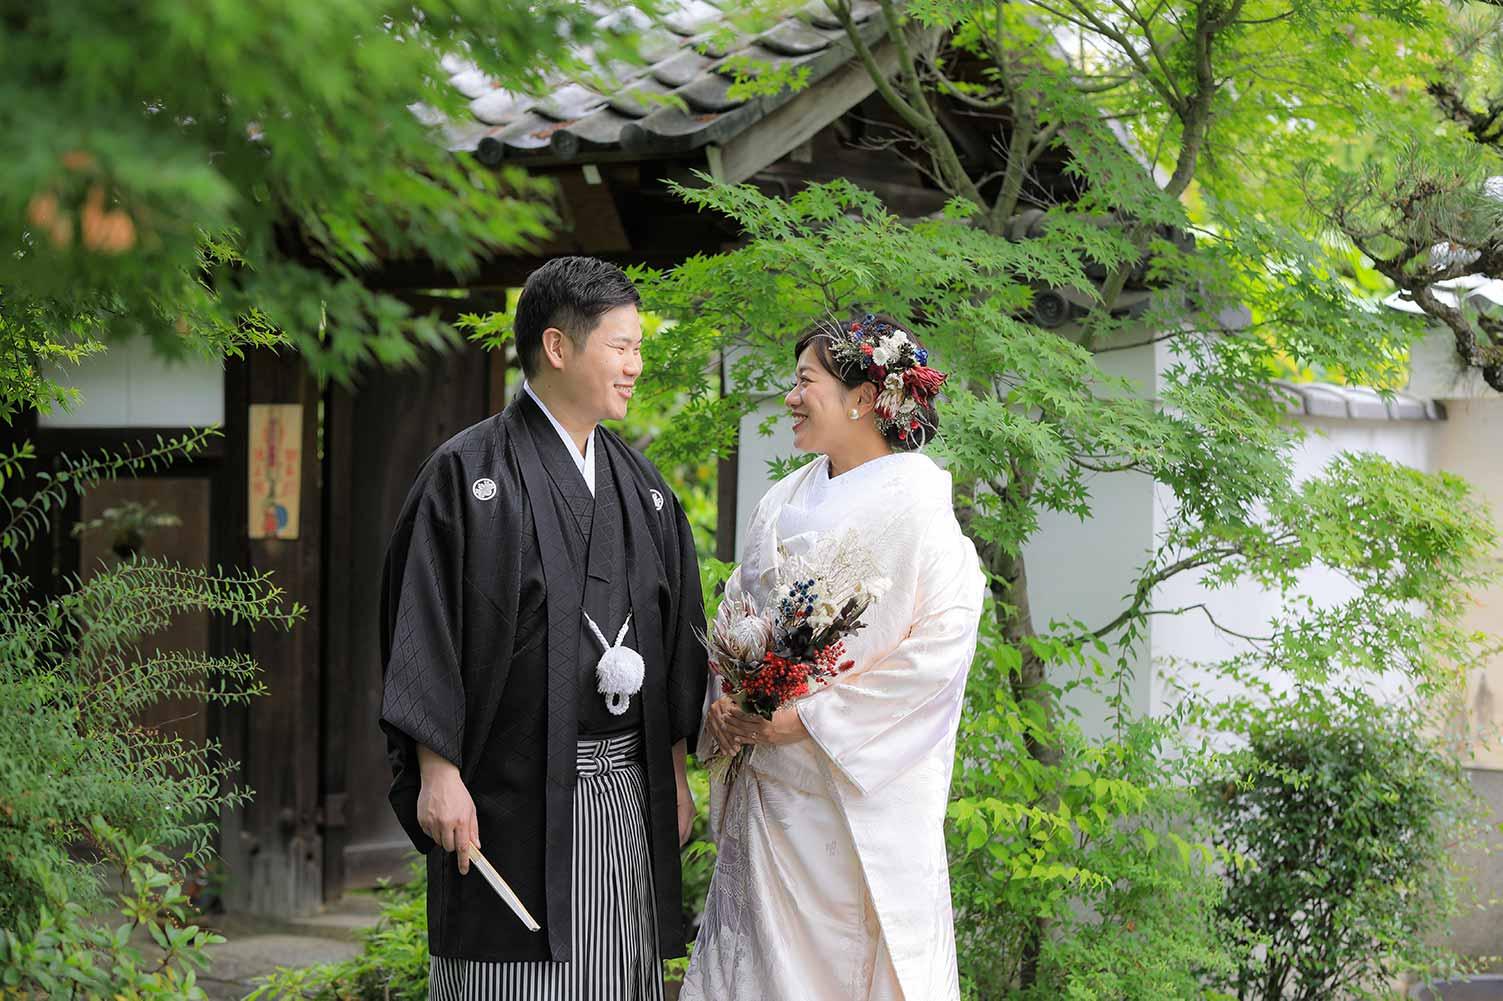 ドライフラワーと髪飾りの花嫁様